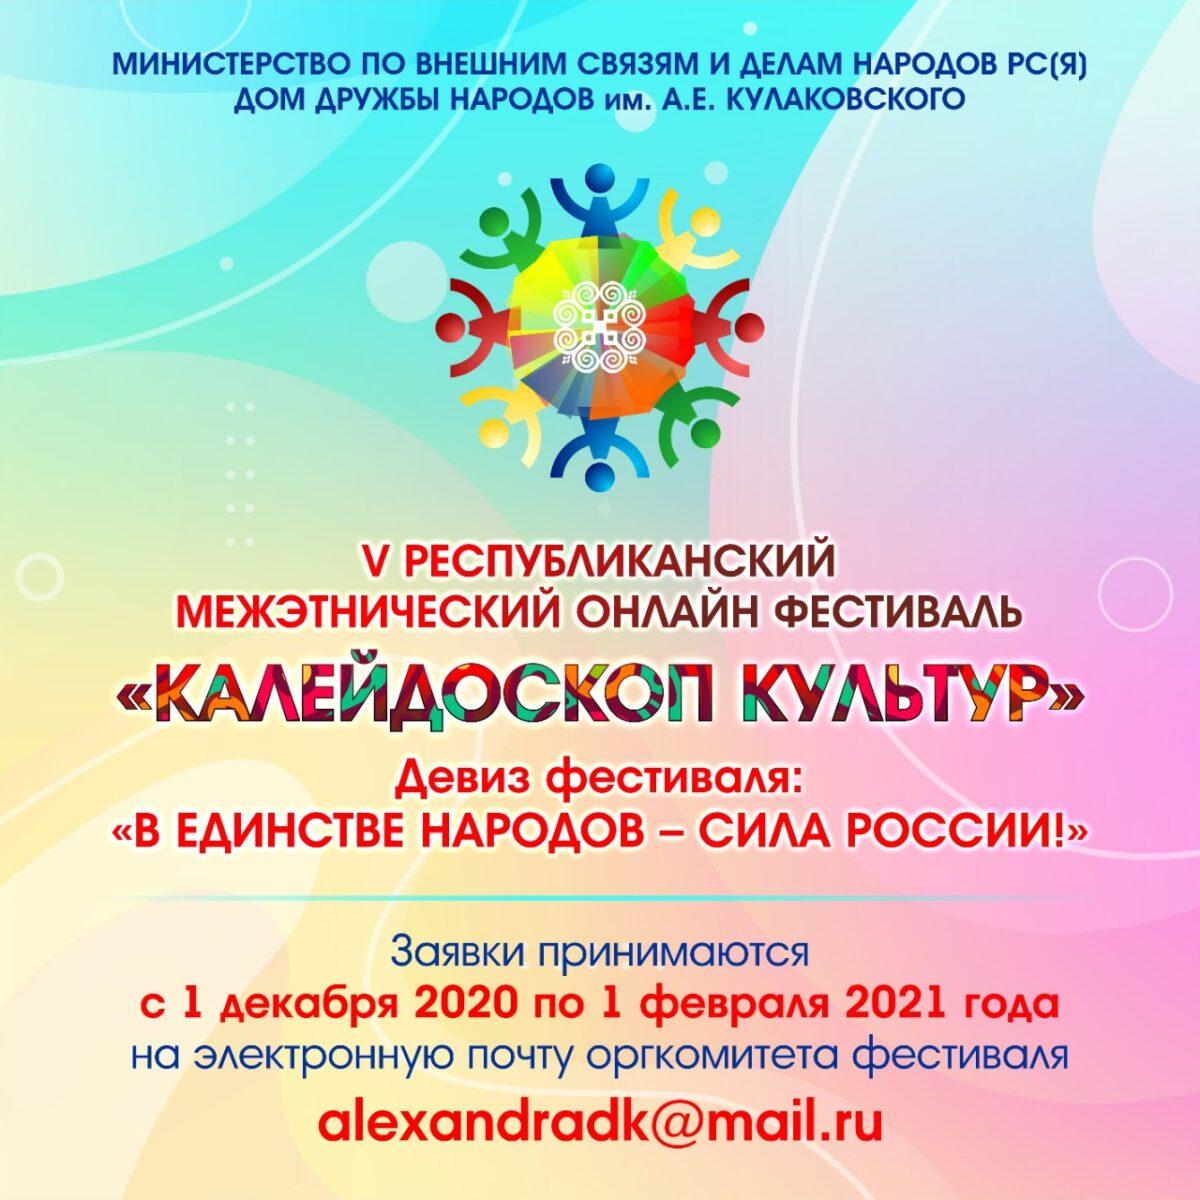 V РЕСПУБЛИКАНСКИЙ МЕЖЭТНИЧЕСКИЙ ФЕСТИВАЛЬ «КАЛЕЙДОСКОП КУЛЬТУР»